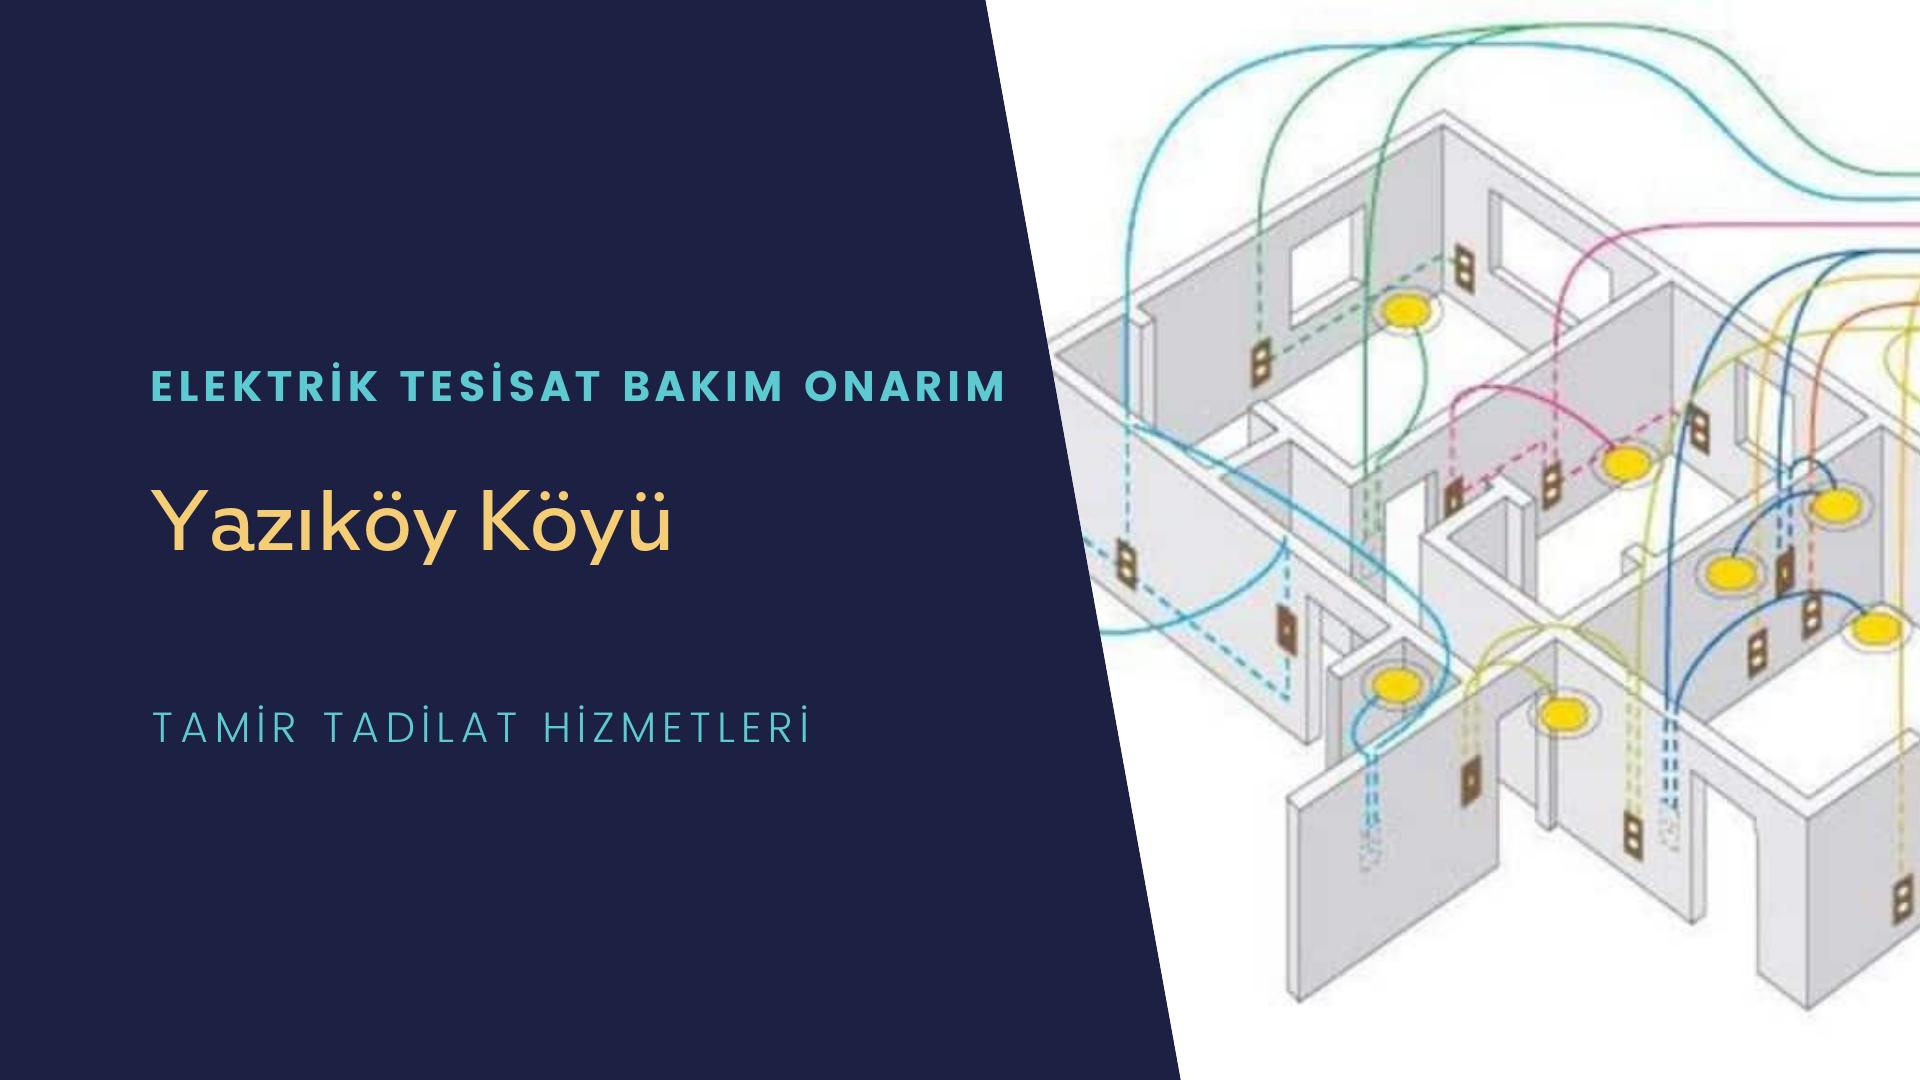 Yazıköy Köyü  elektrik tesisatıustalarımı arıyorsunuz doğru adrestenizi Yazıköy Köyü elektrik tesisatı ustalarımız 7/24 sizlere hizmet vermekten mutluluk duyar.